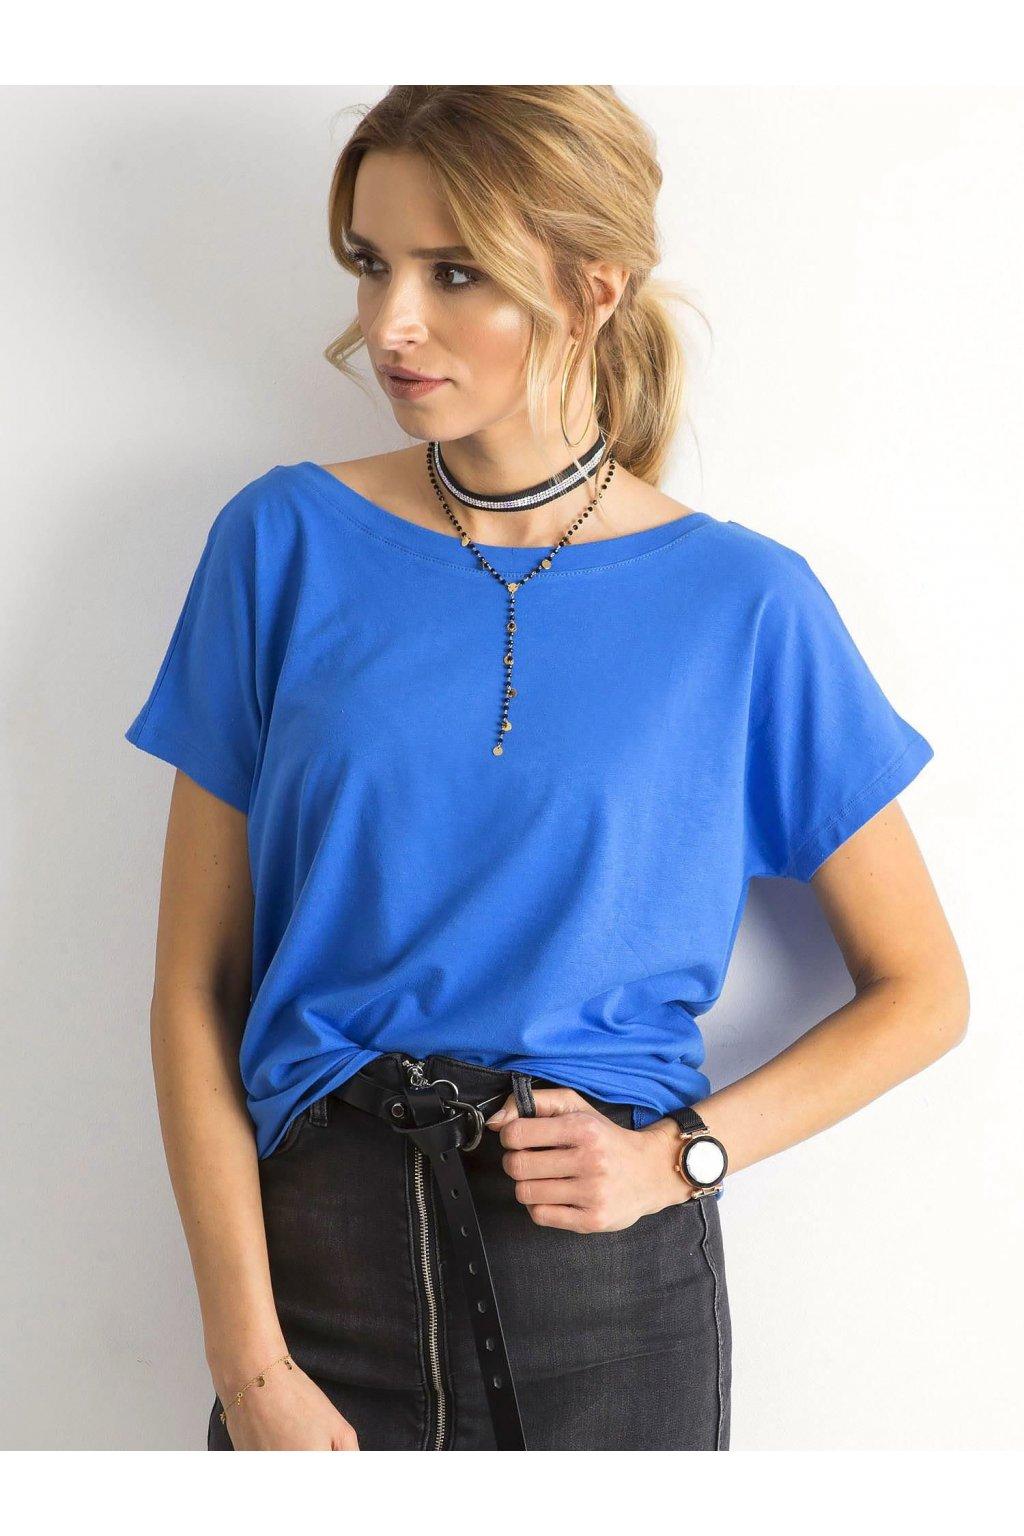 pol pl Niebieski t shirt Fire 307836 6